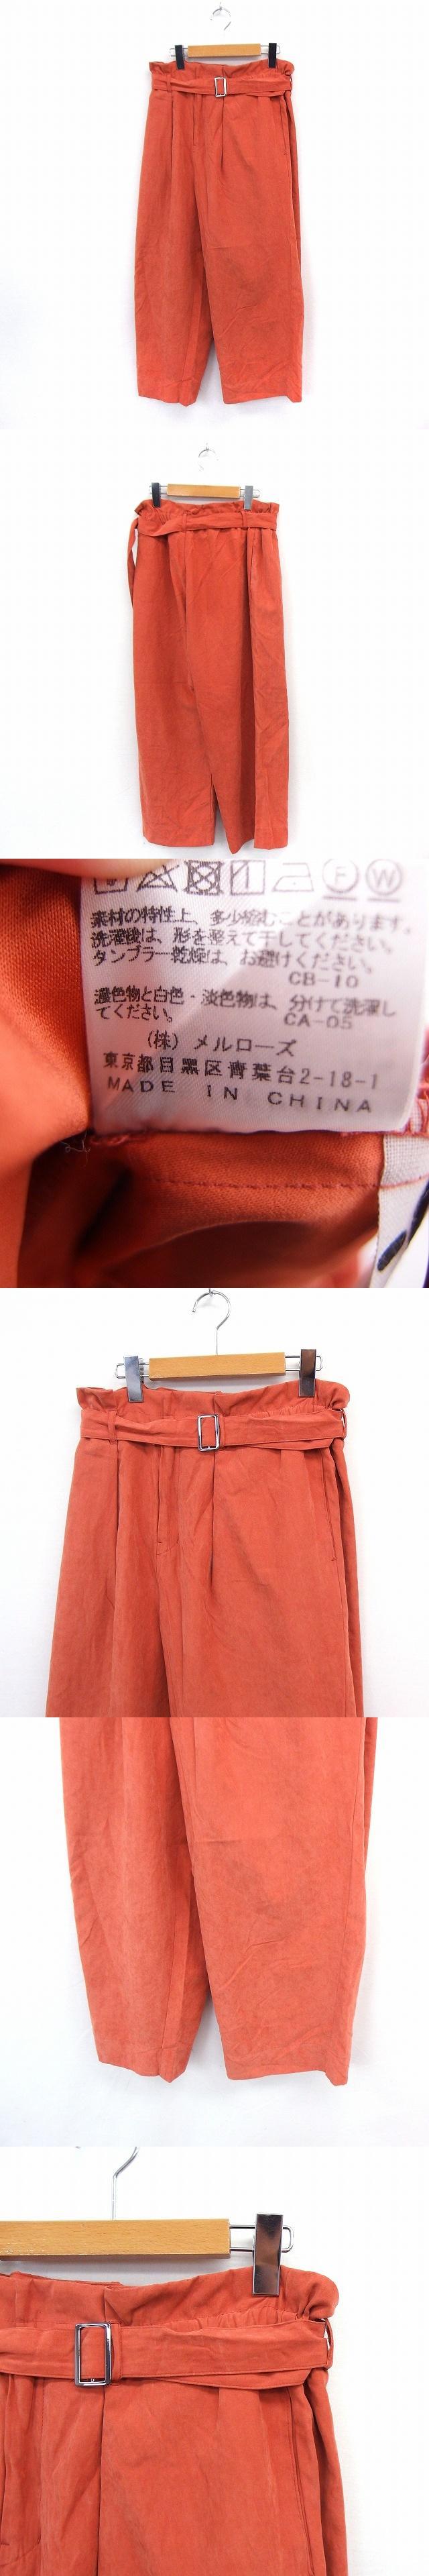 パンツ ワイド アンクル丈 シンプル ベルト付き ウエストゴム オレンジ /ST7